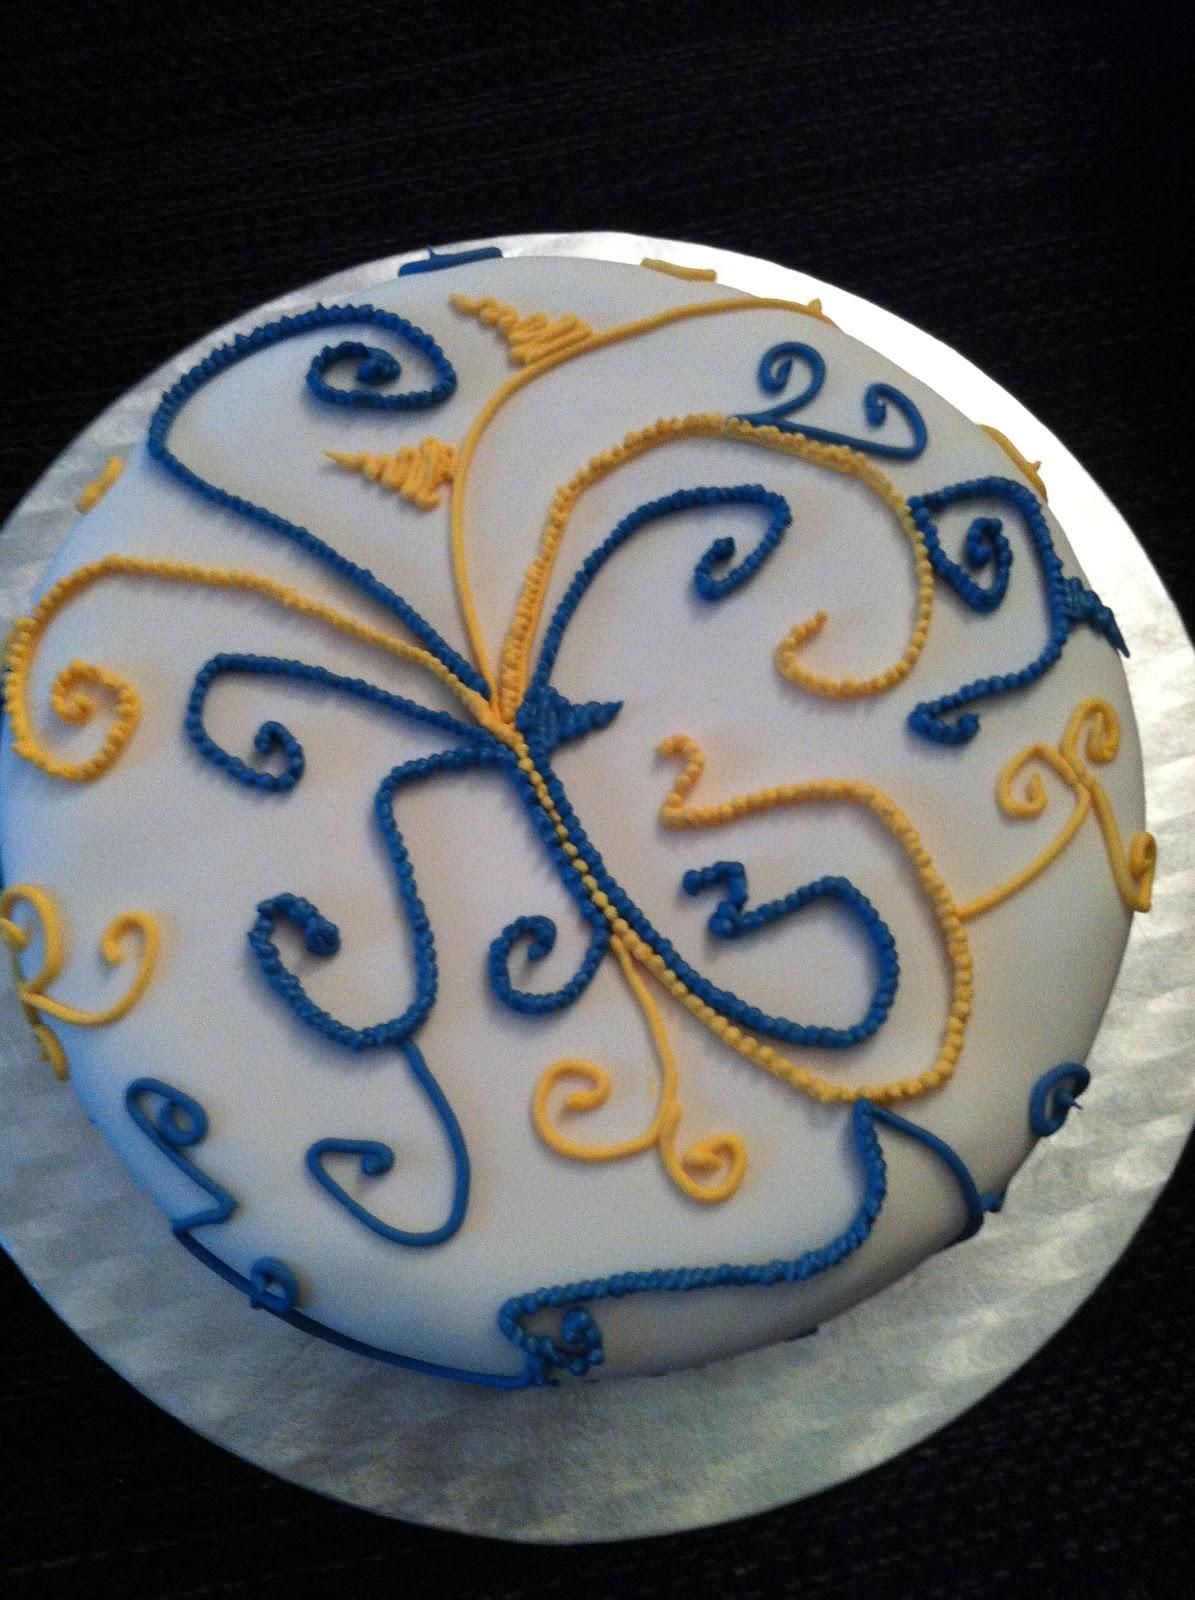 le due torte bologna torta veloce per un collega